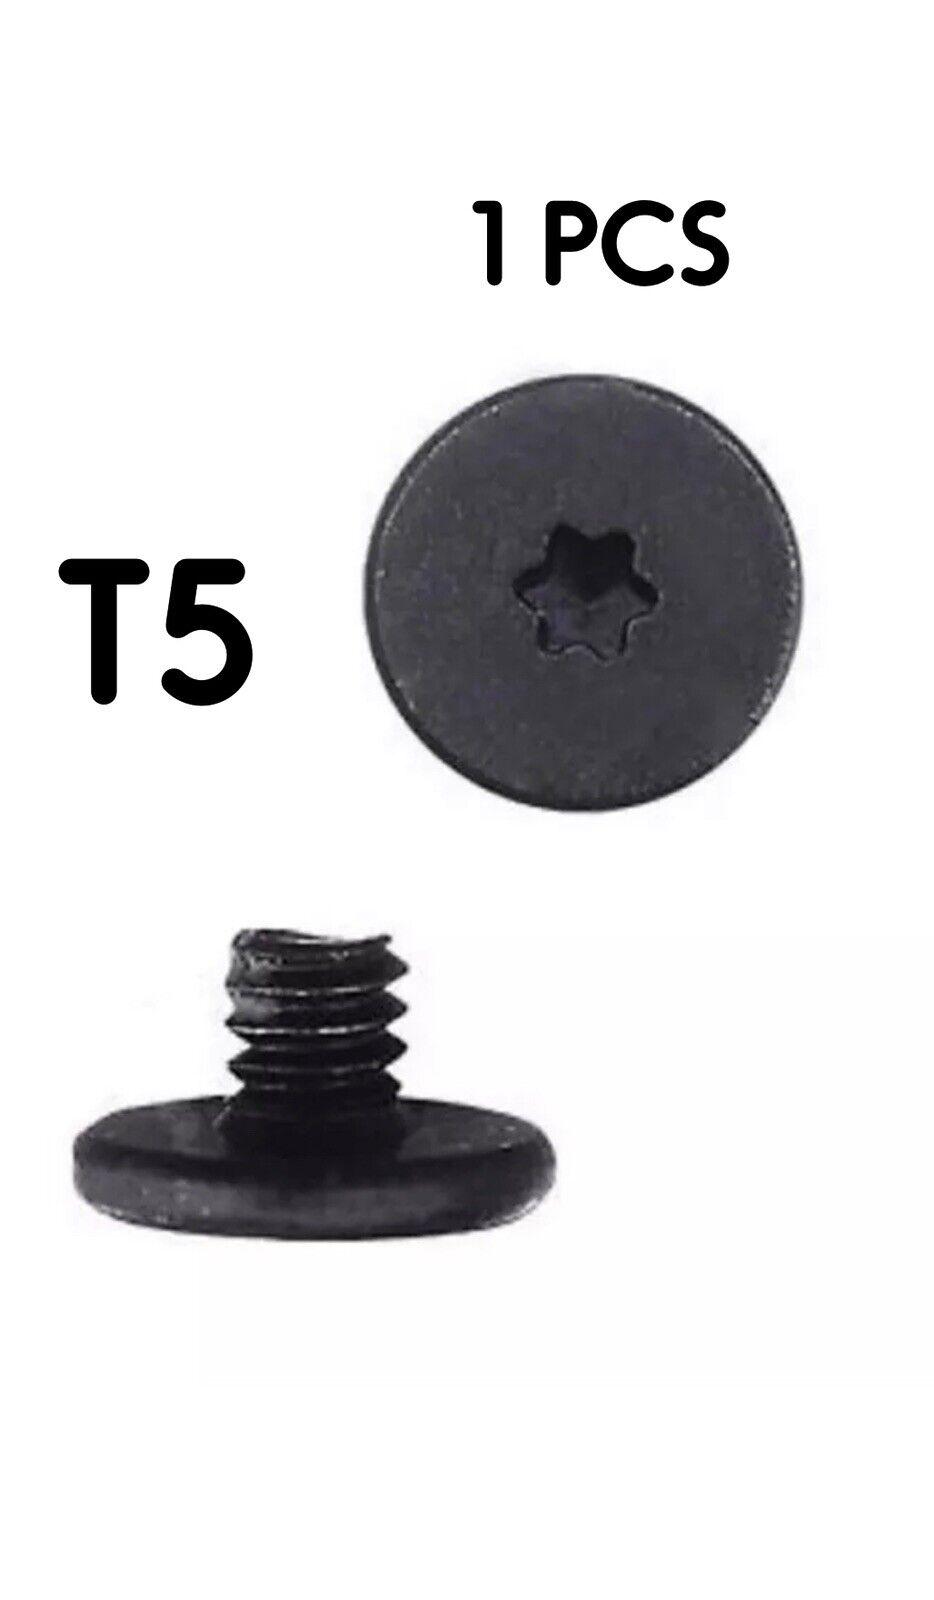 1X TORX T5 SCREW FOR AIRPORT CARD Apple MacBook Air A1370 A1465 A1369 A1466